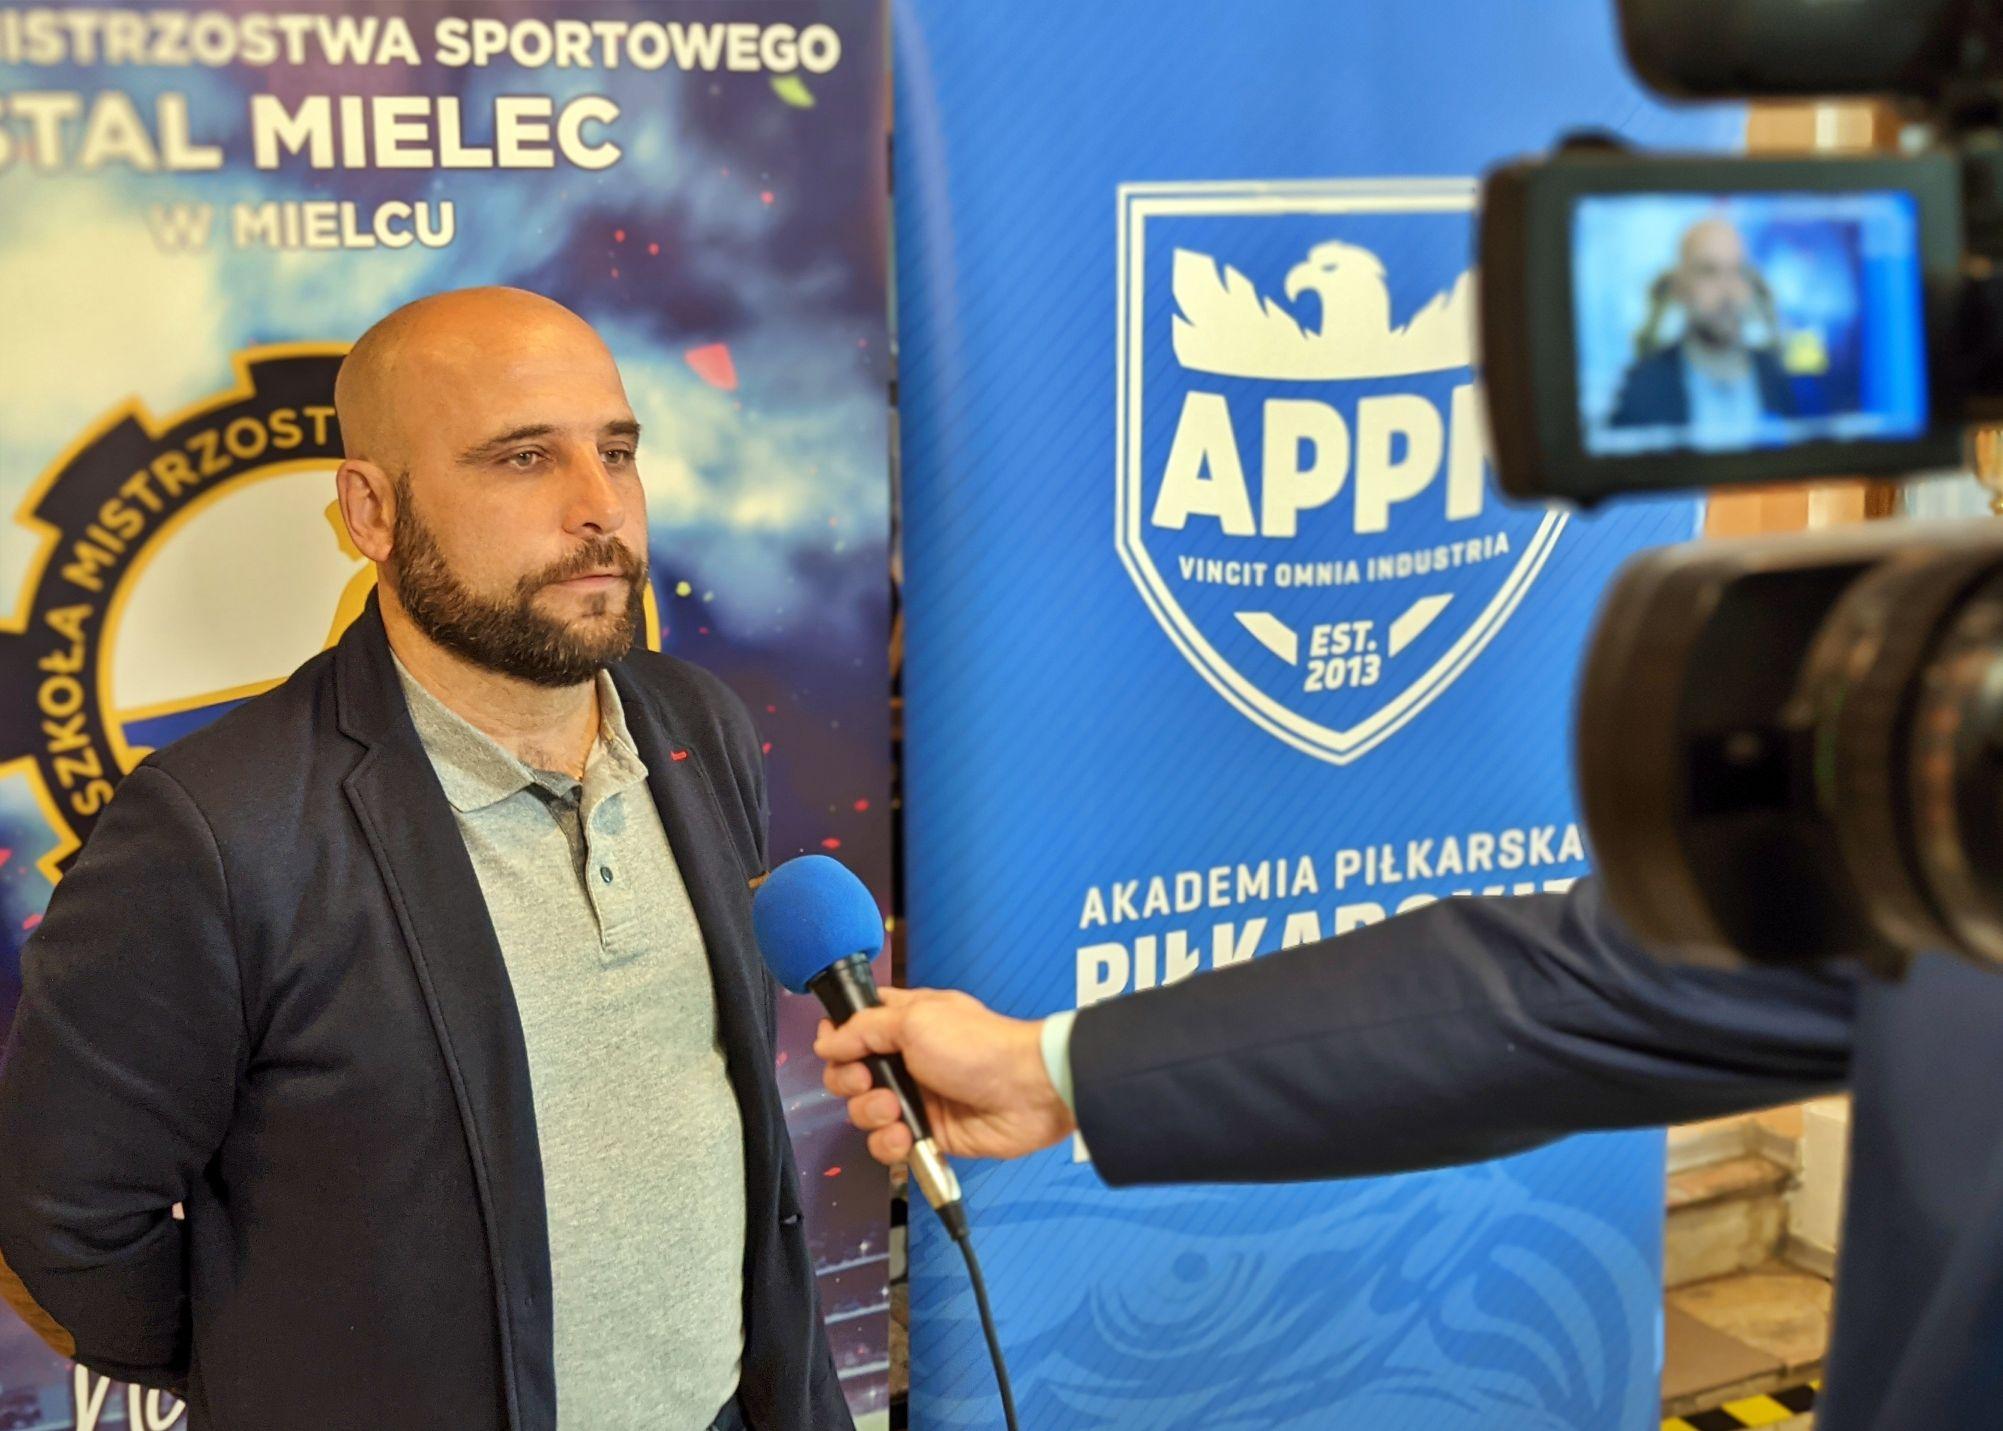 Zawodnicy APPN i SMS Stal Mielec będą reprezentować klub futsalowy - Zdjęcie główne